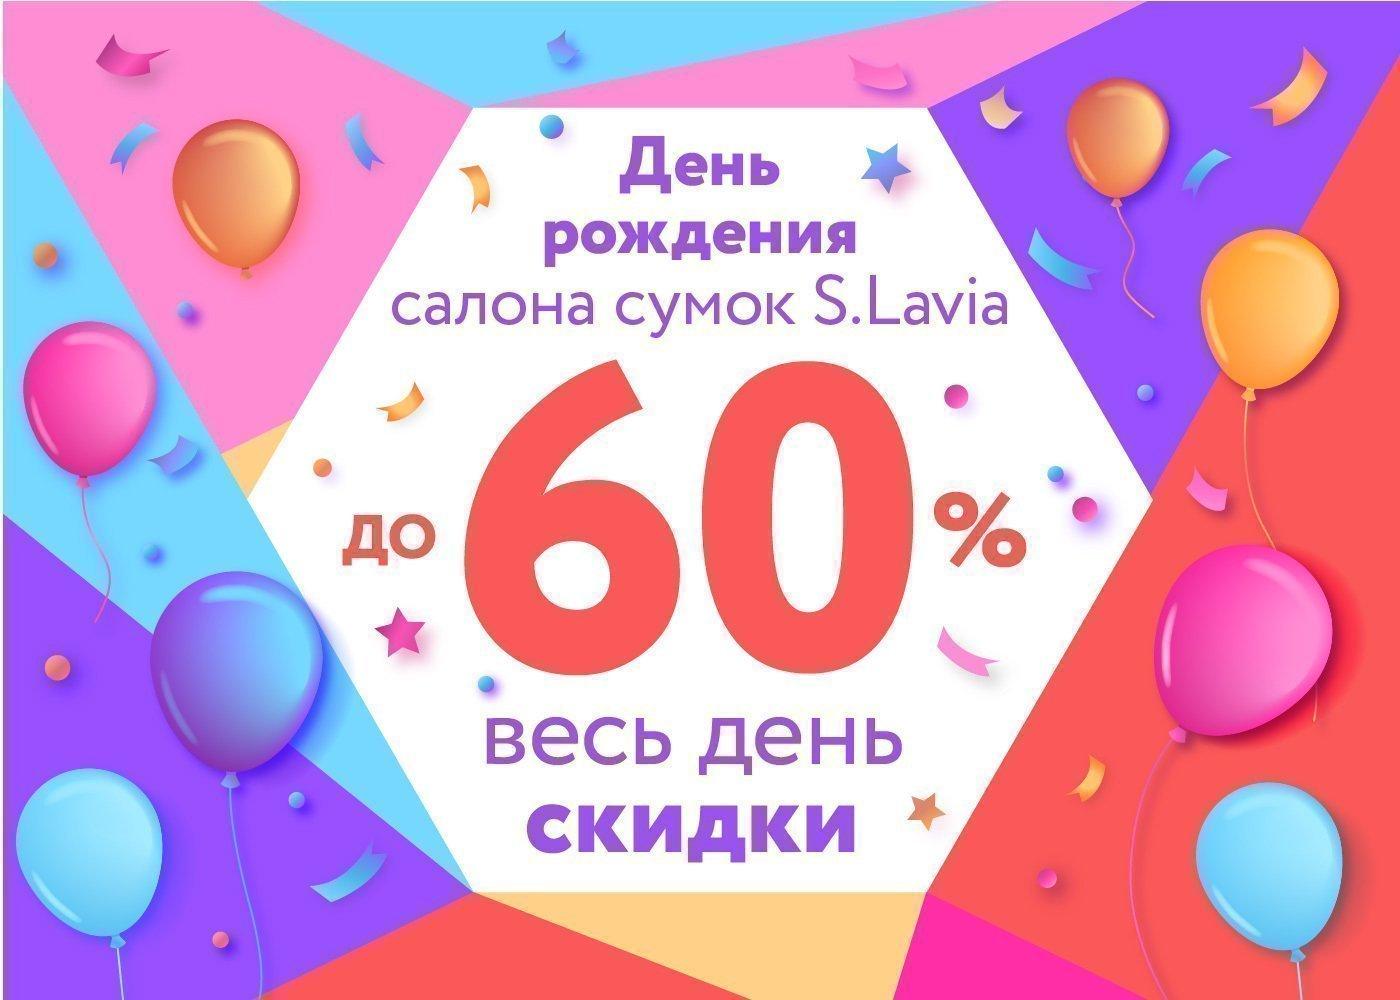 День рождения салона сумок S.Lavia на Воровского, 46